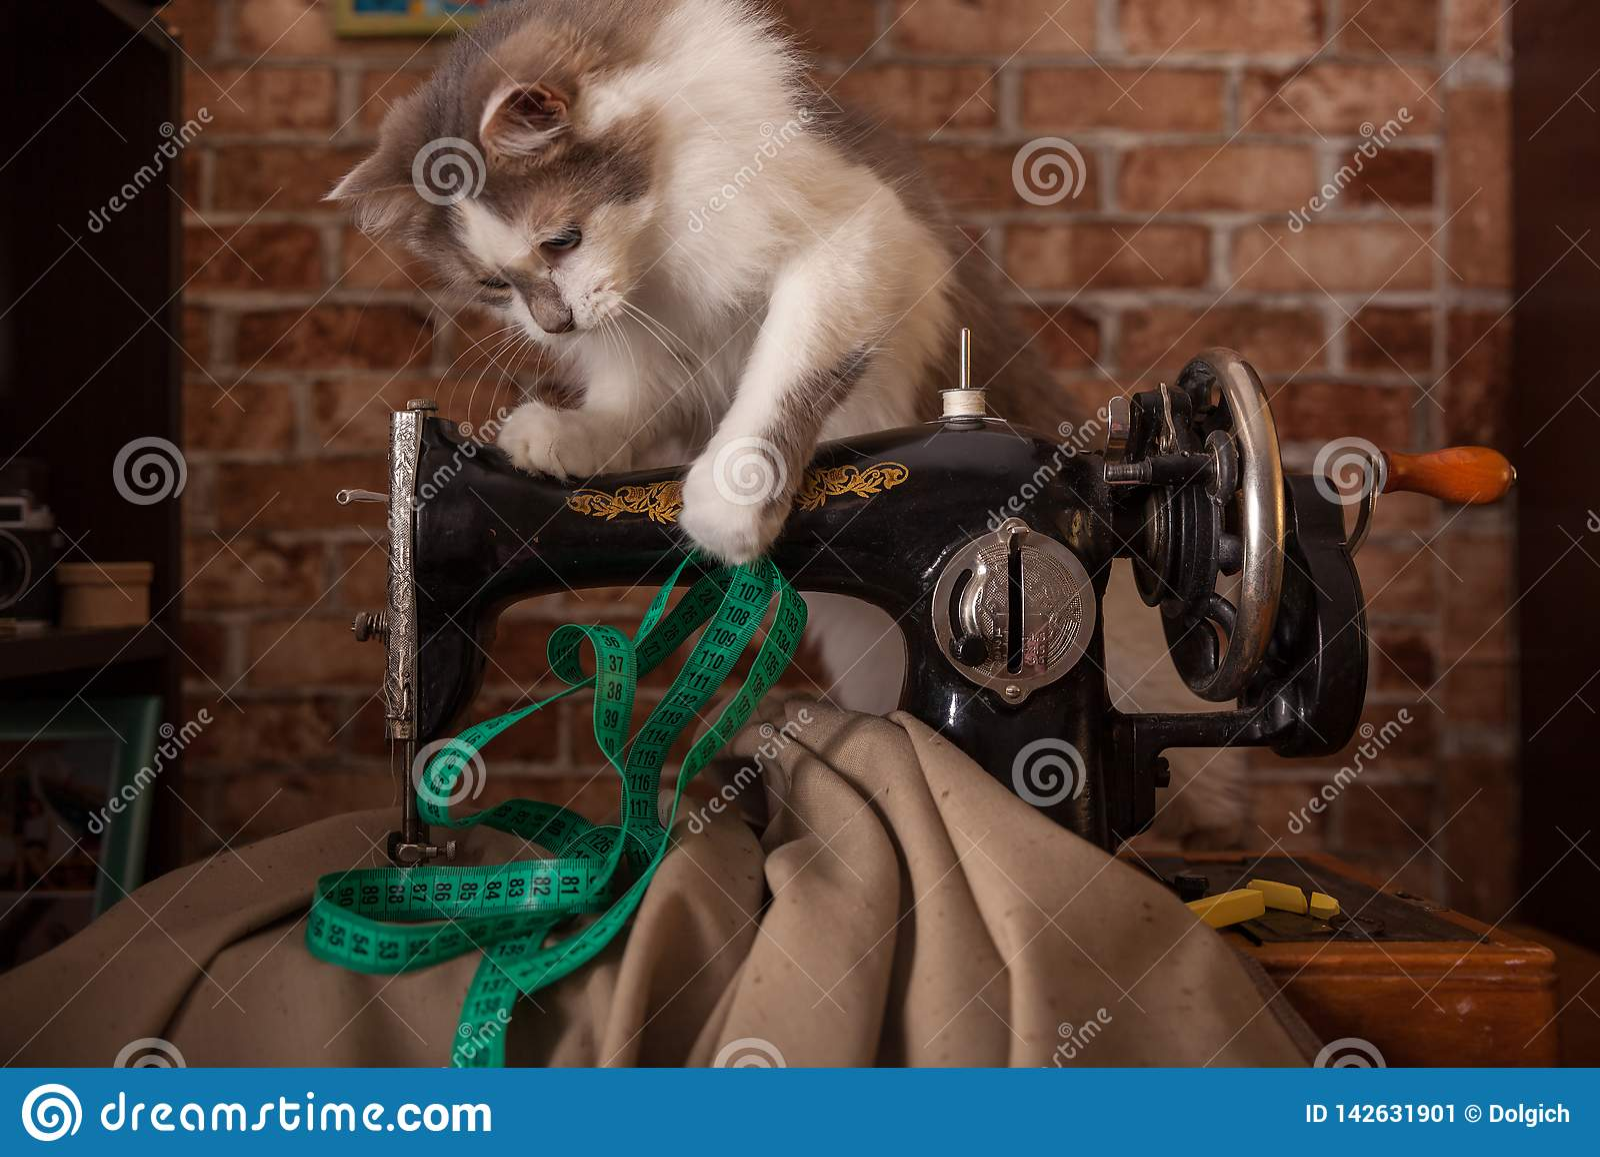 De pluizige kat speelt en steelt groene metende band Oude naaimachine